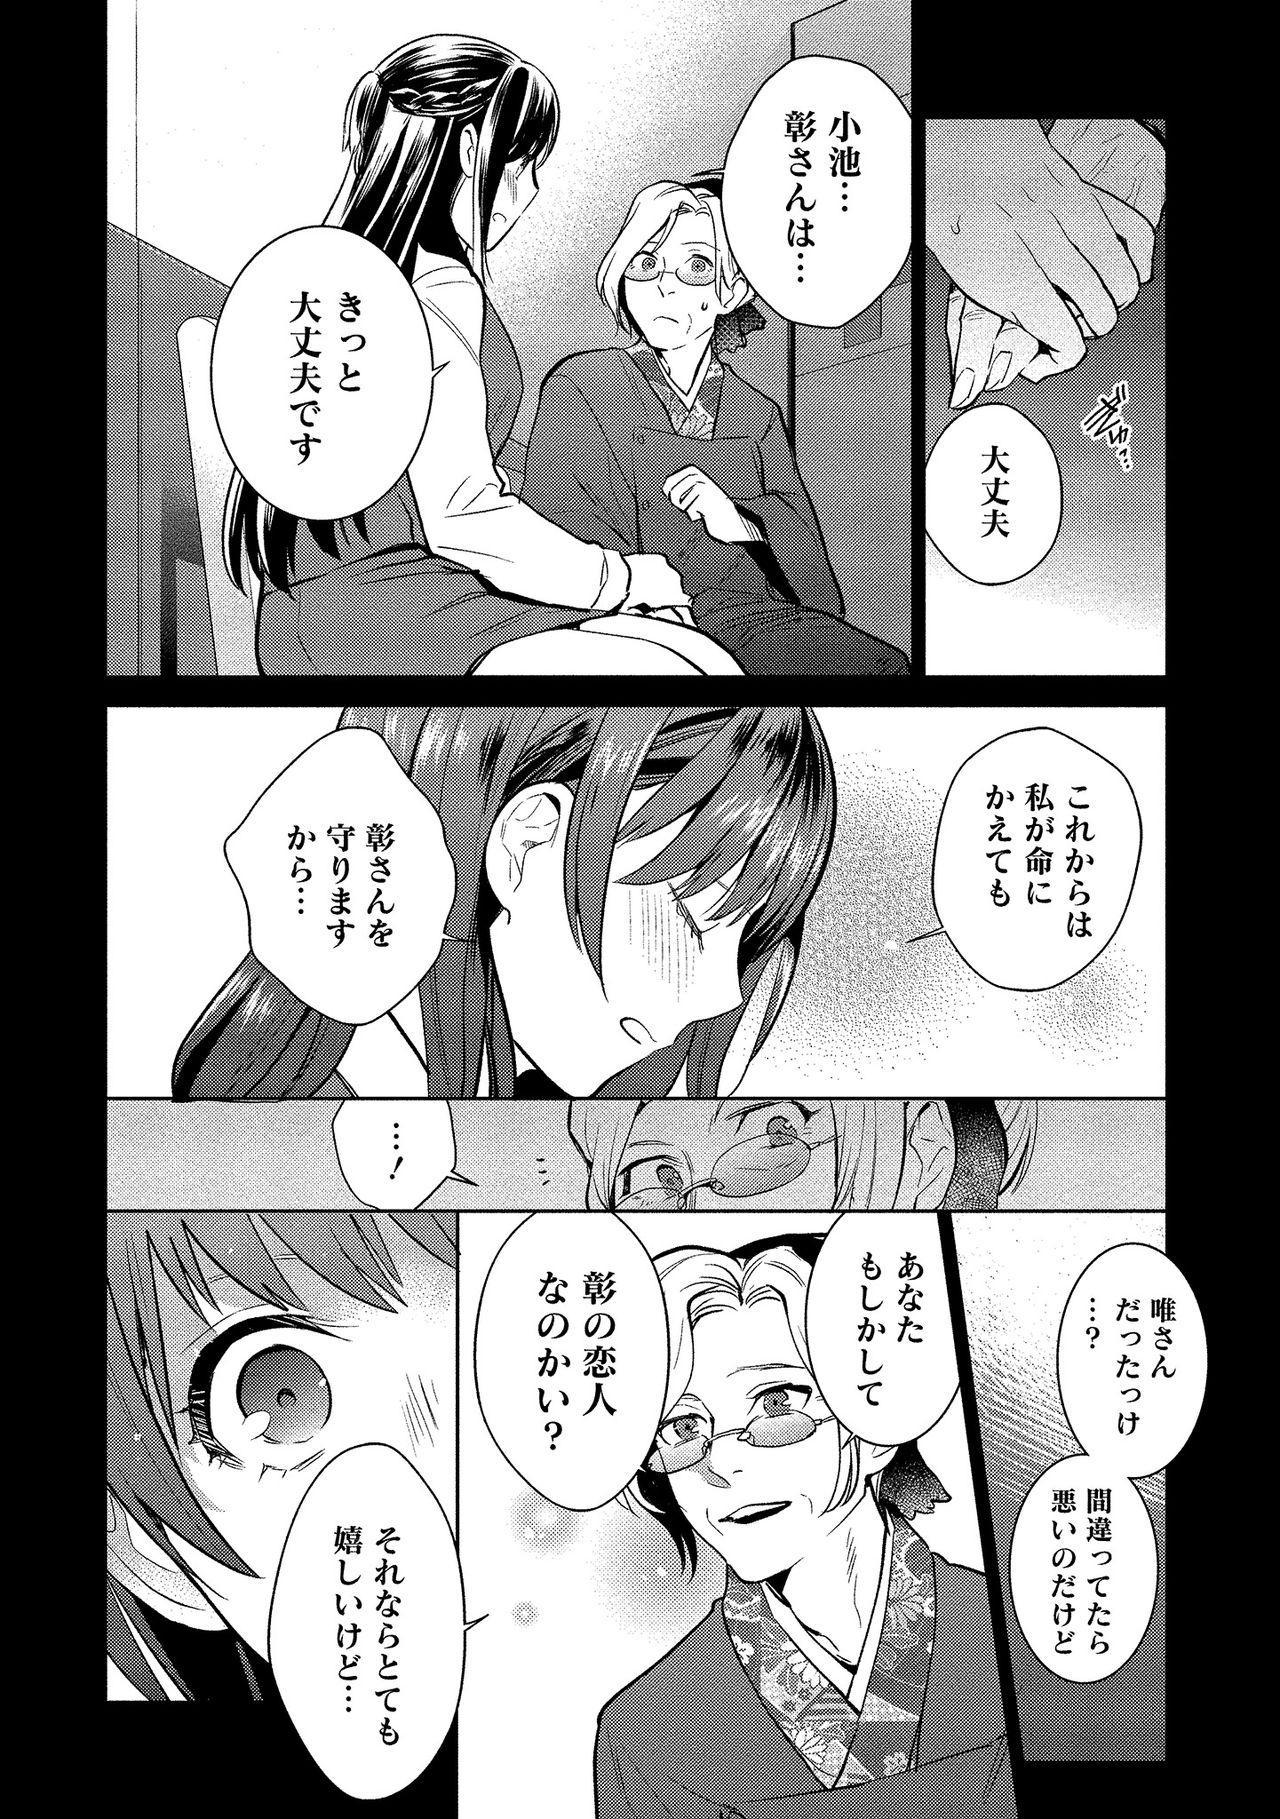 Dorobou Neko wa Kanojo no Hajimari 190